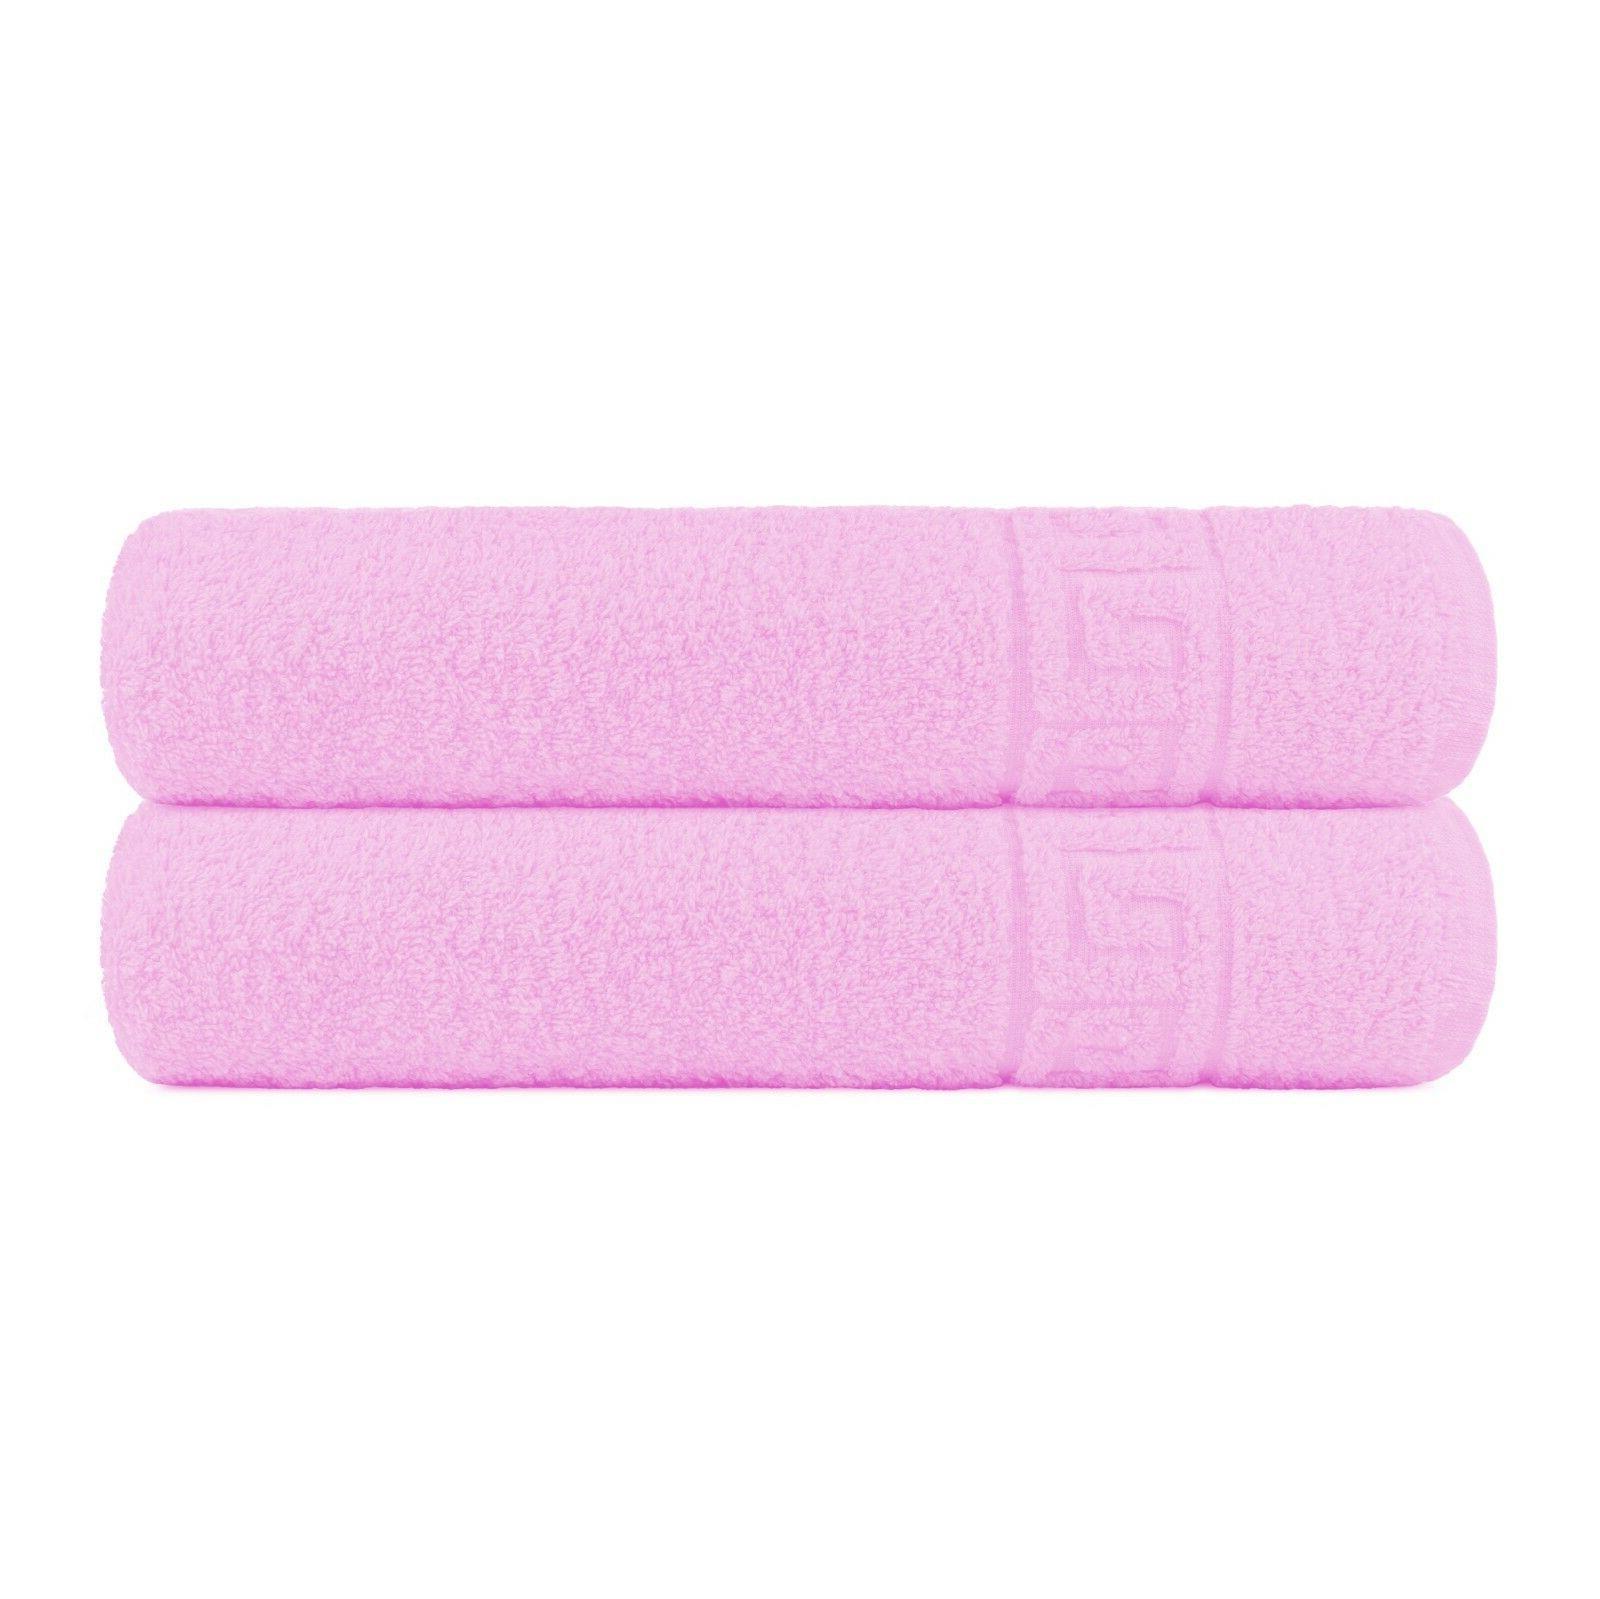 Towels or 2 Towels 100%